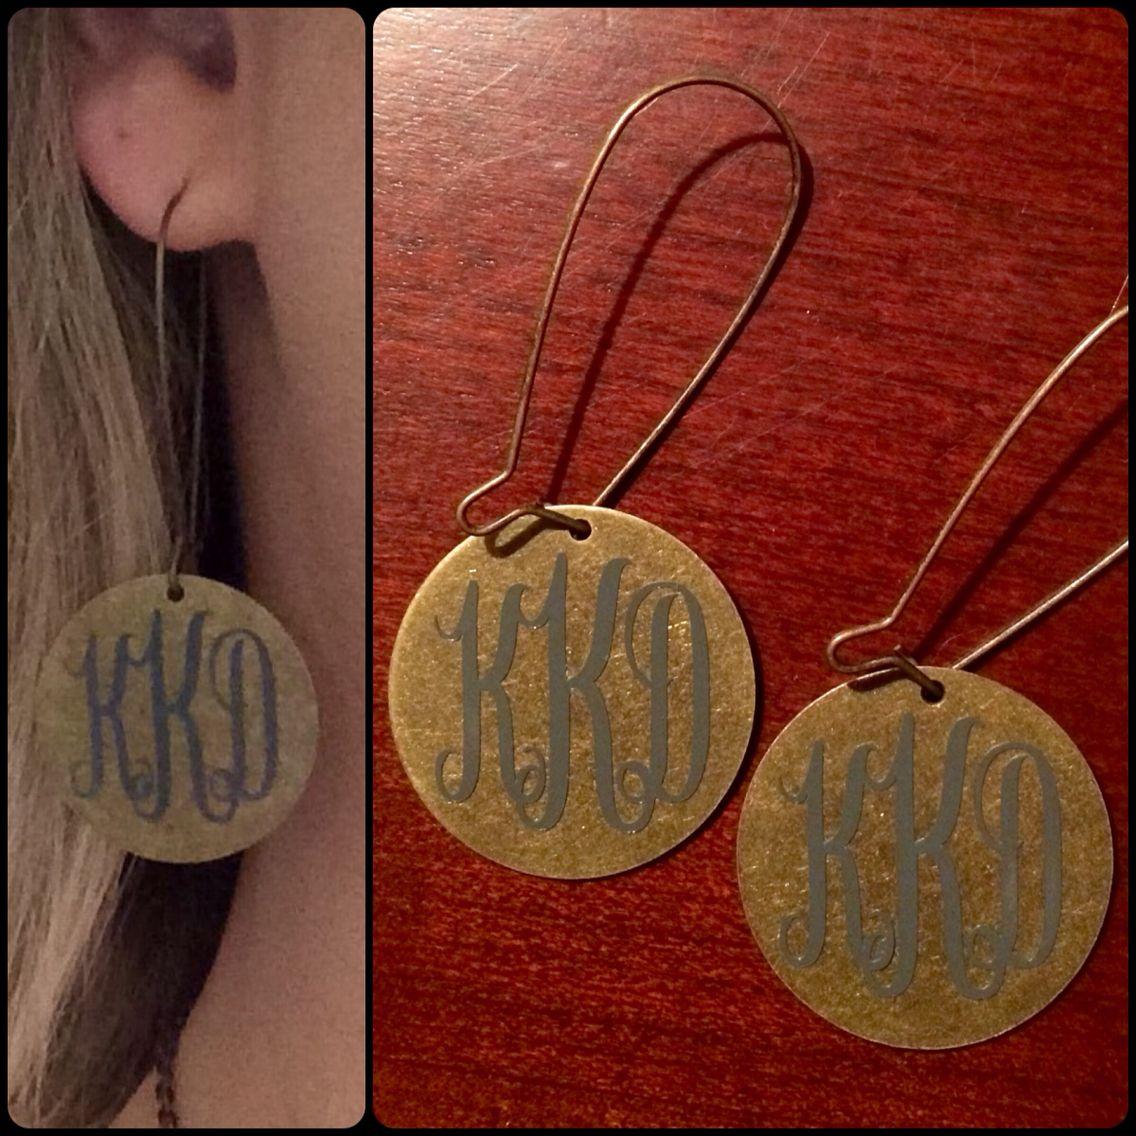 Adhesive Vinyl Monogram Earrings Monogram Earrings Monogrammed Earrings Vinyl Leather Earrings